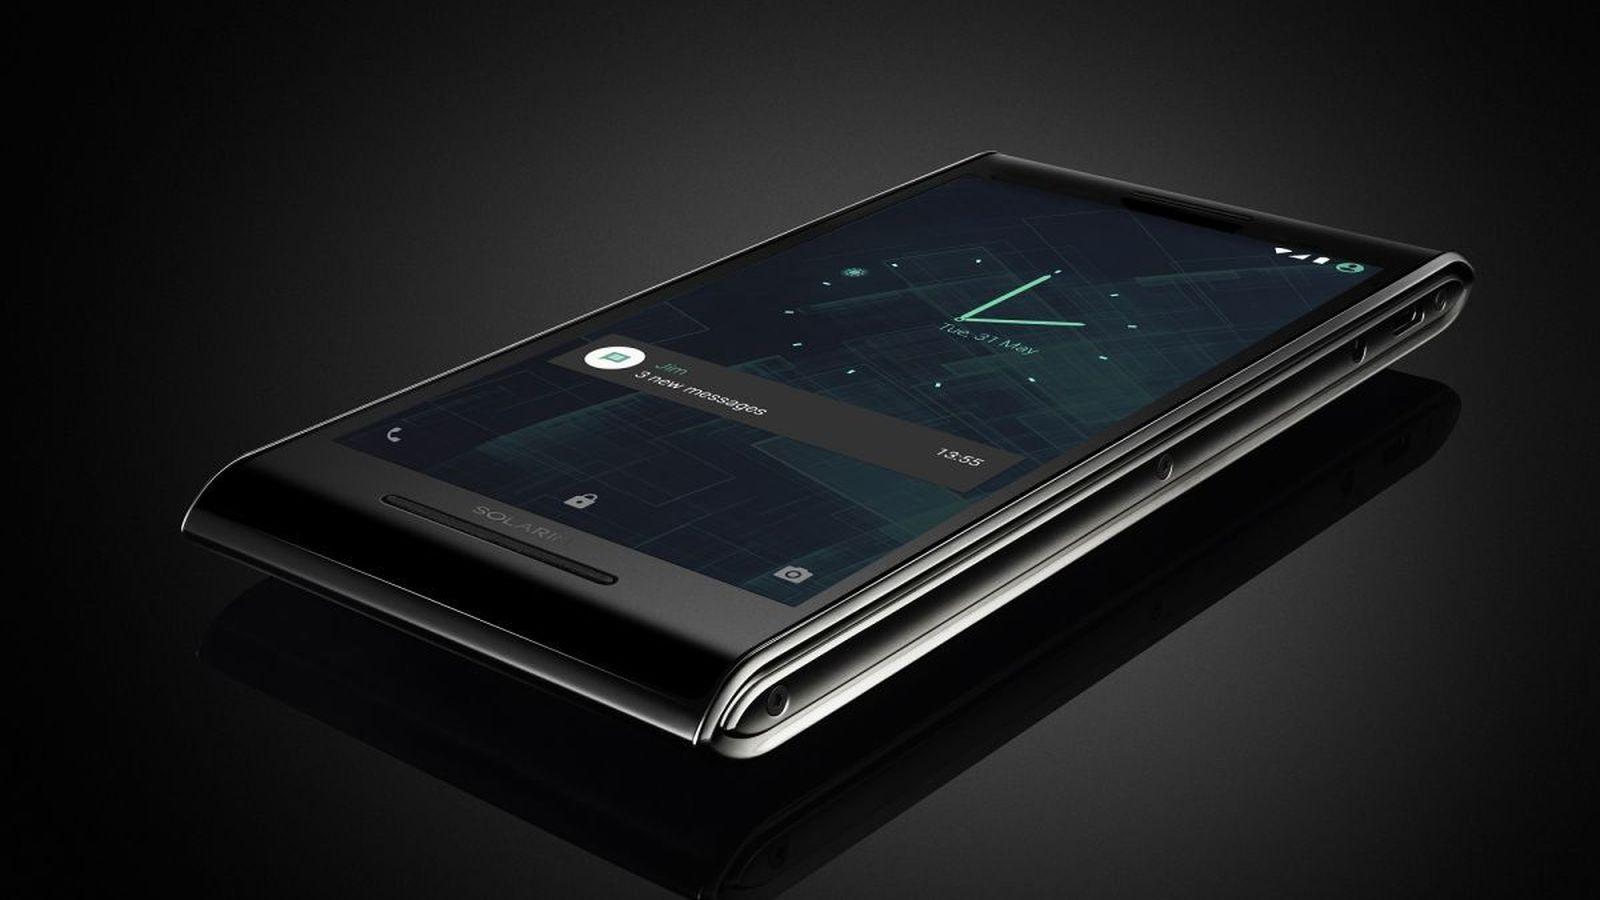 Trên tay điện thoại Solarin: Thiết kế độc đáo, bảo mật cấp quân đội